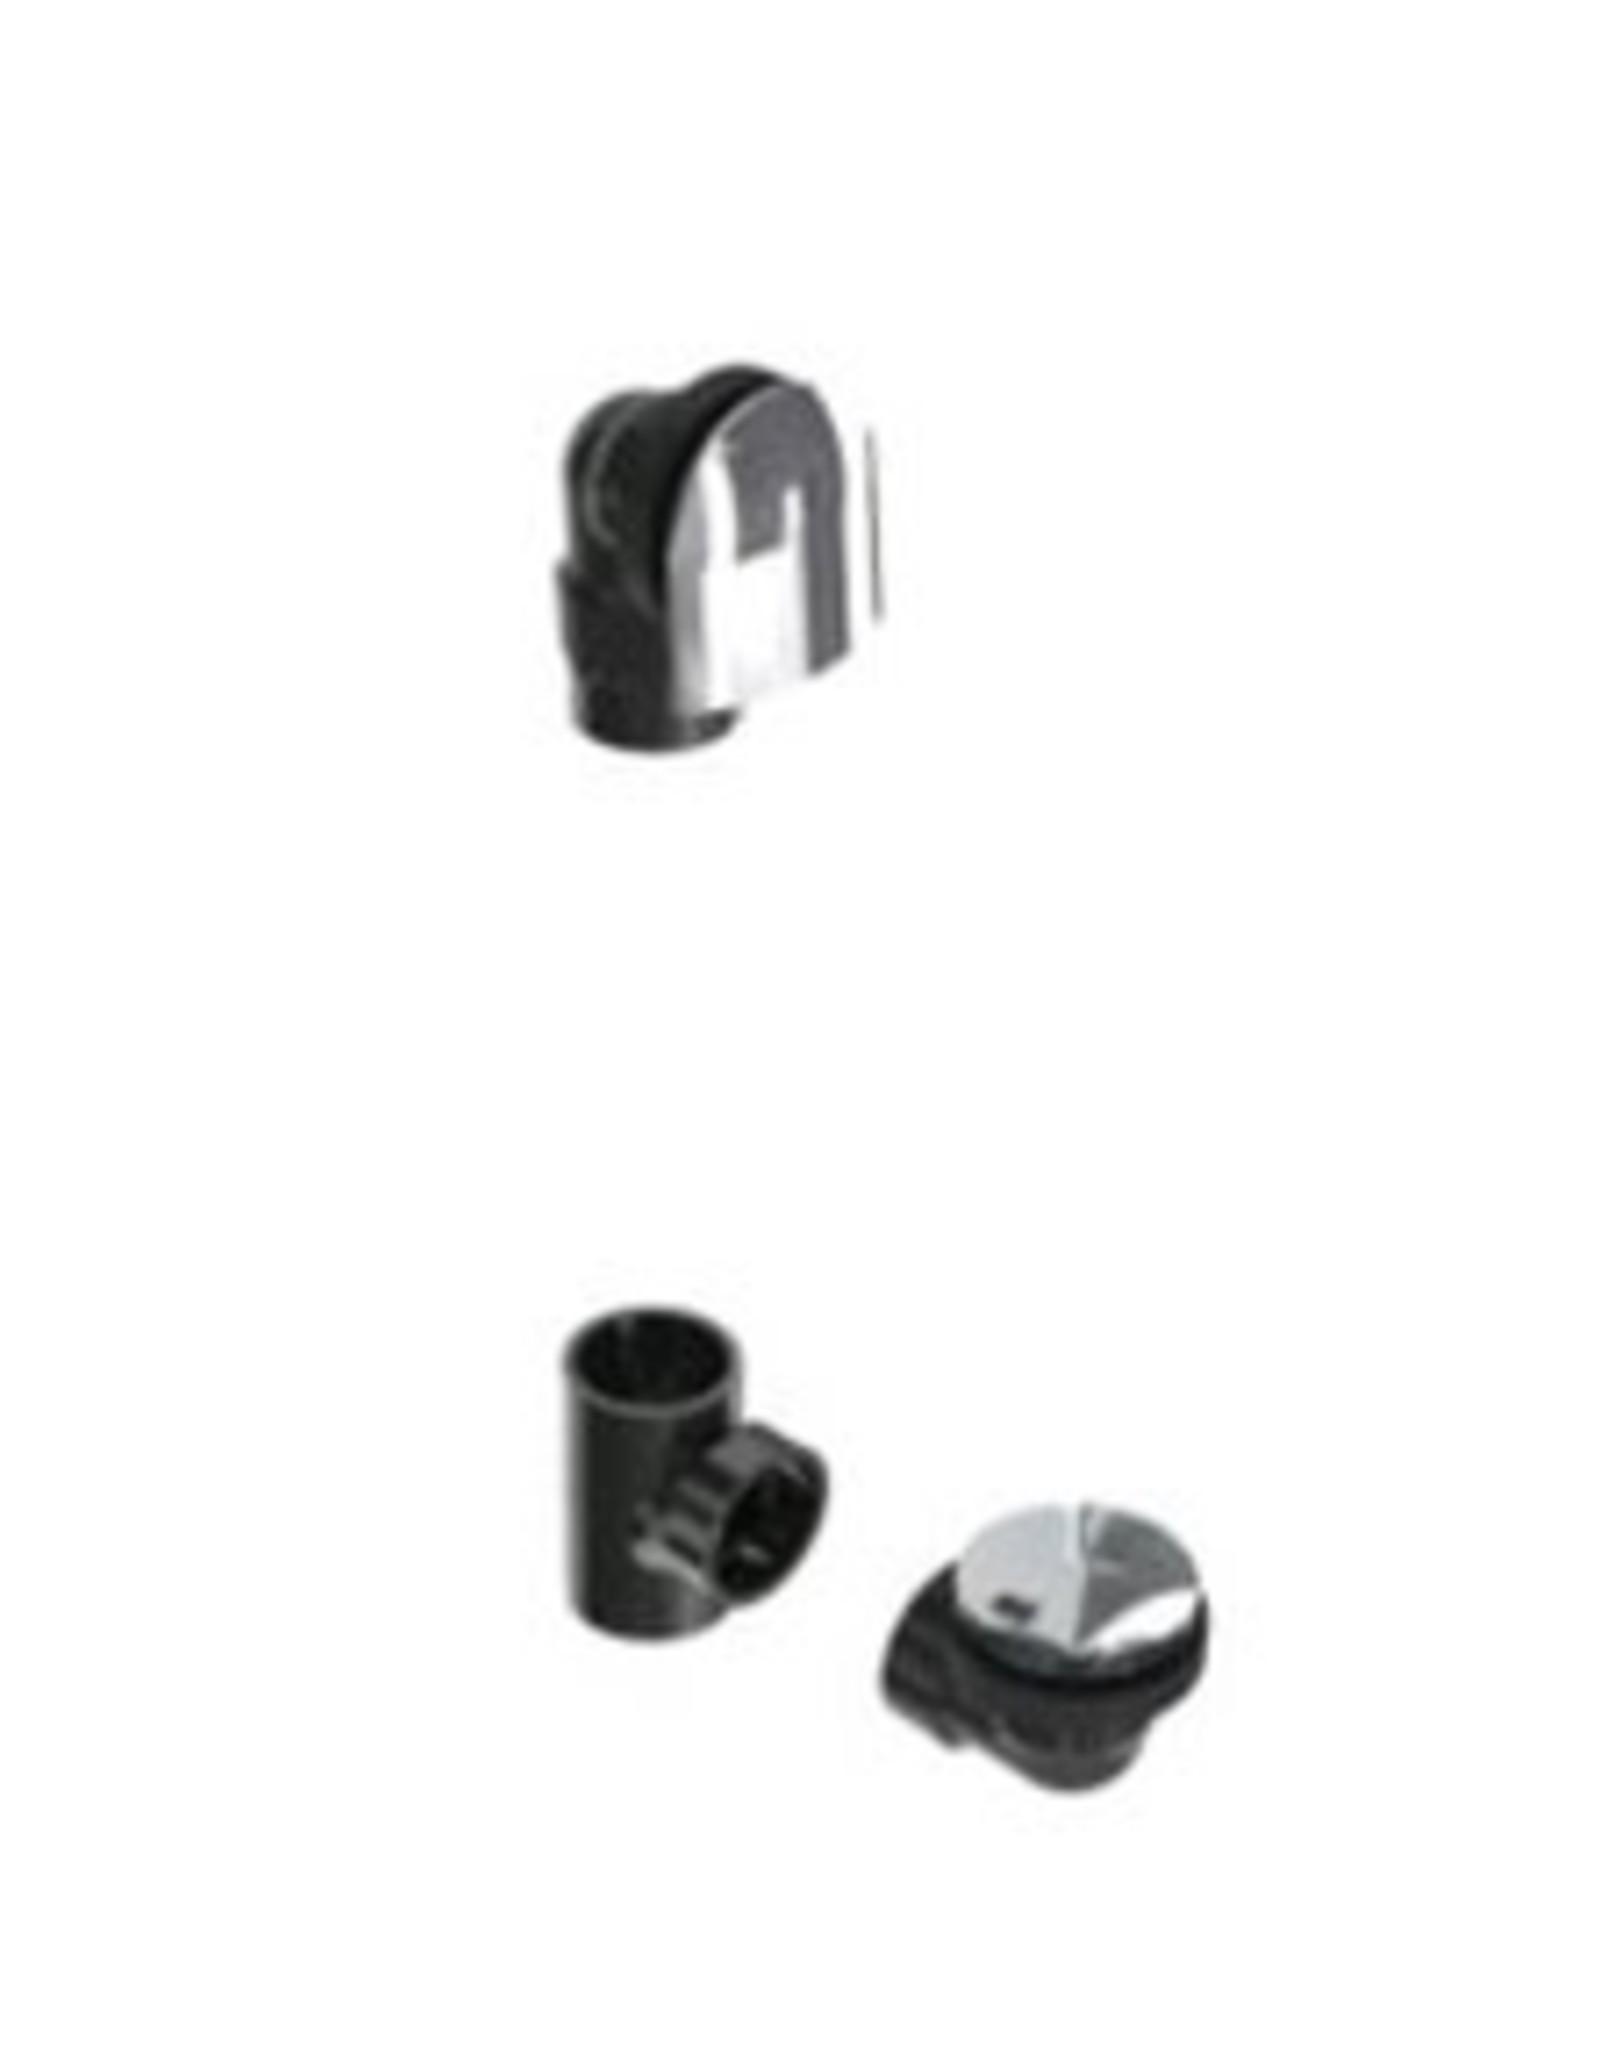 OS&B Brushed Nickel Clicker W&O Kit